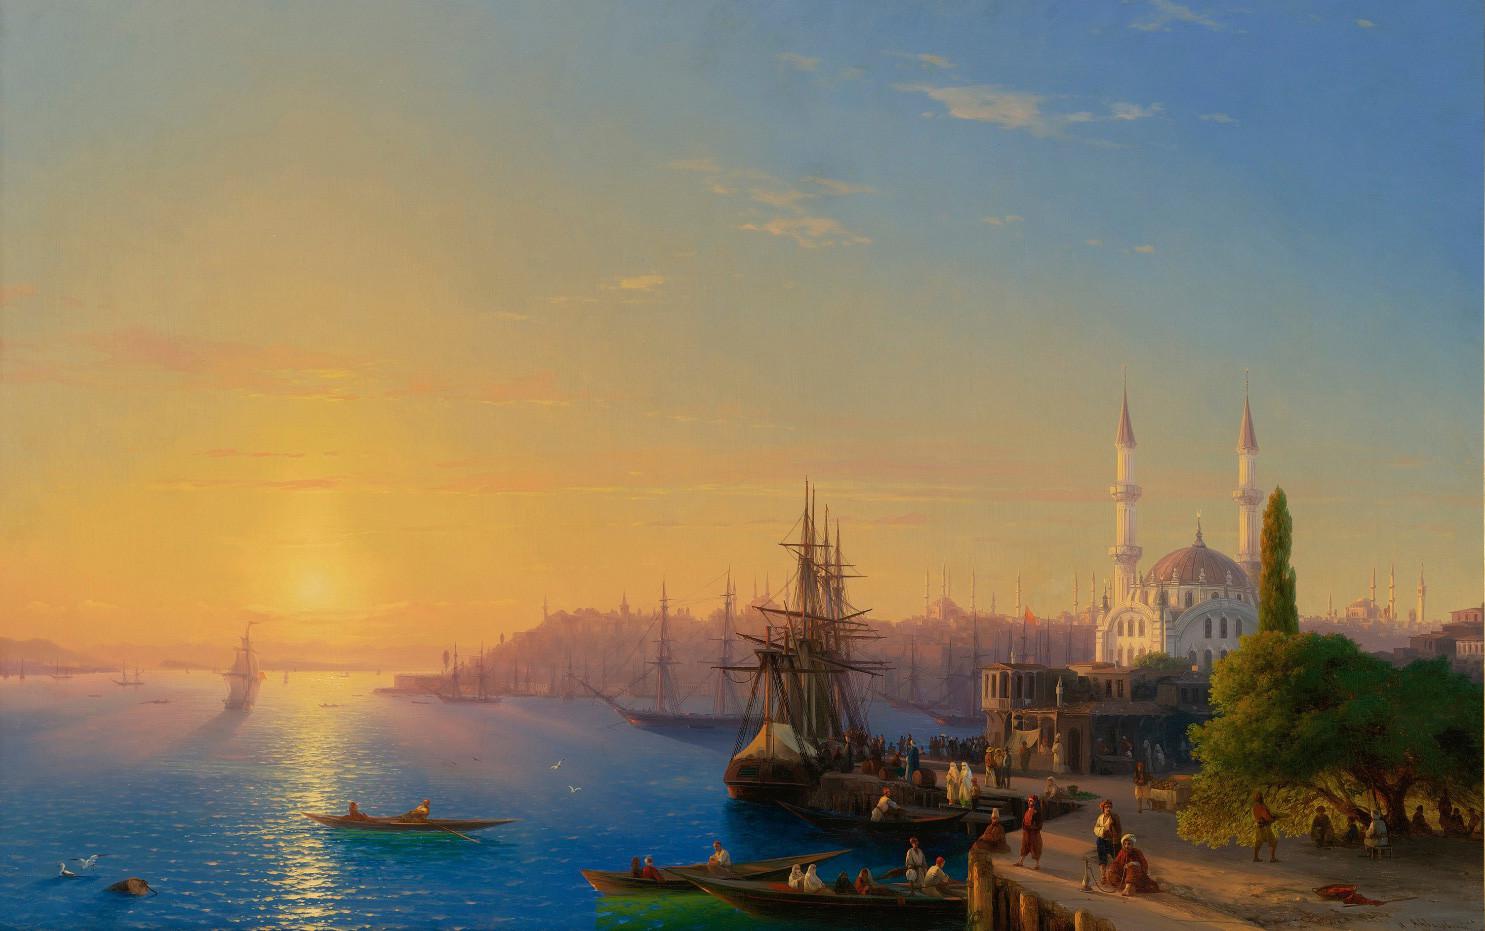 『ボスポラス海峡とコンスタンティノープルの景色』